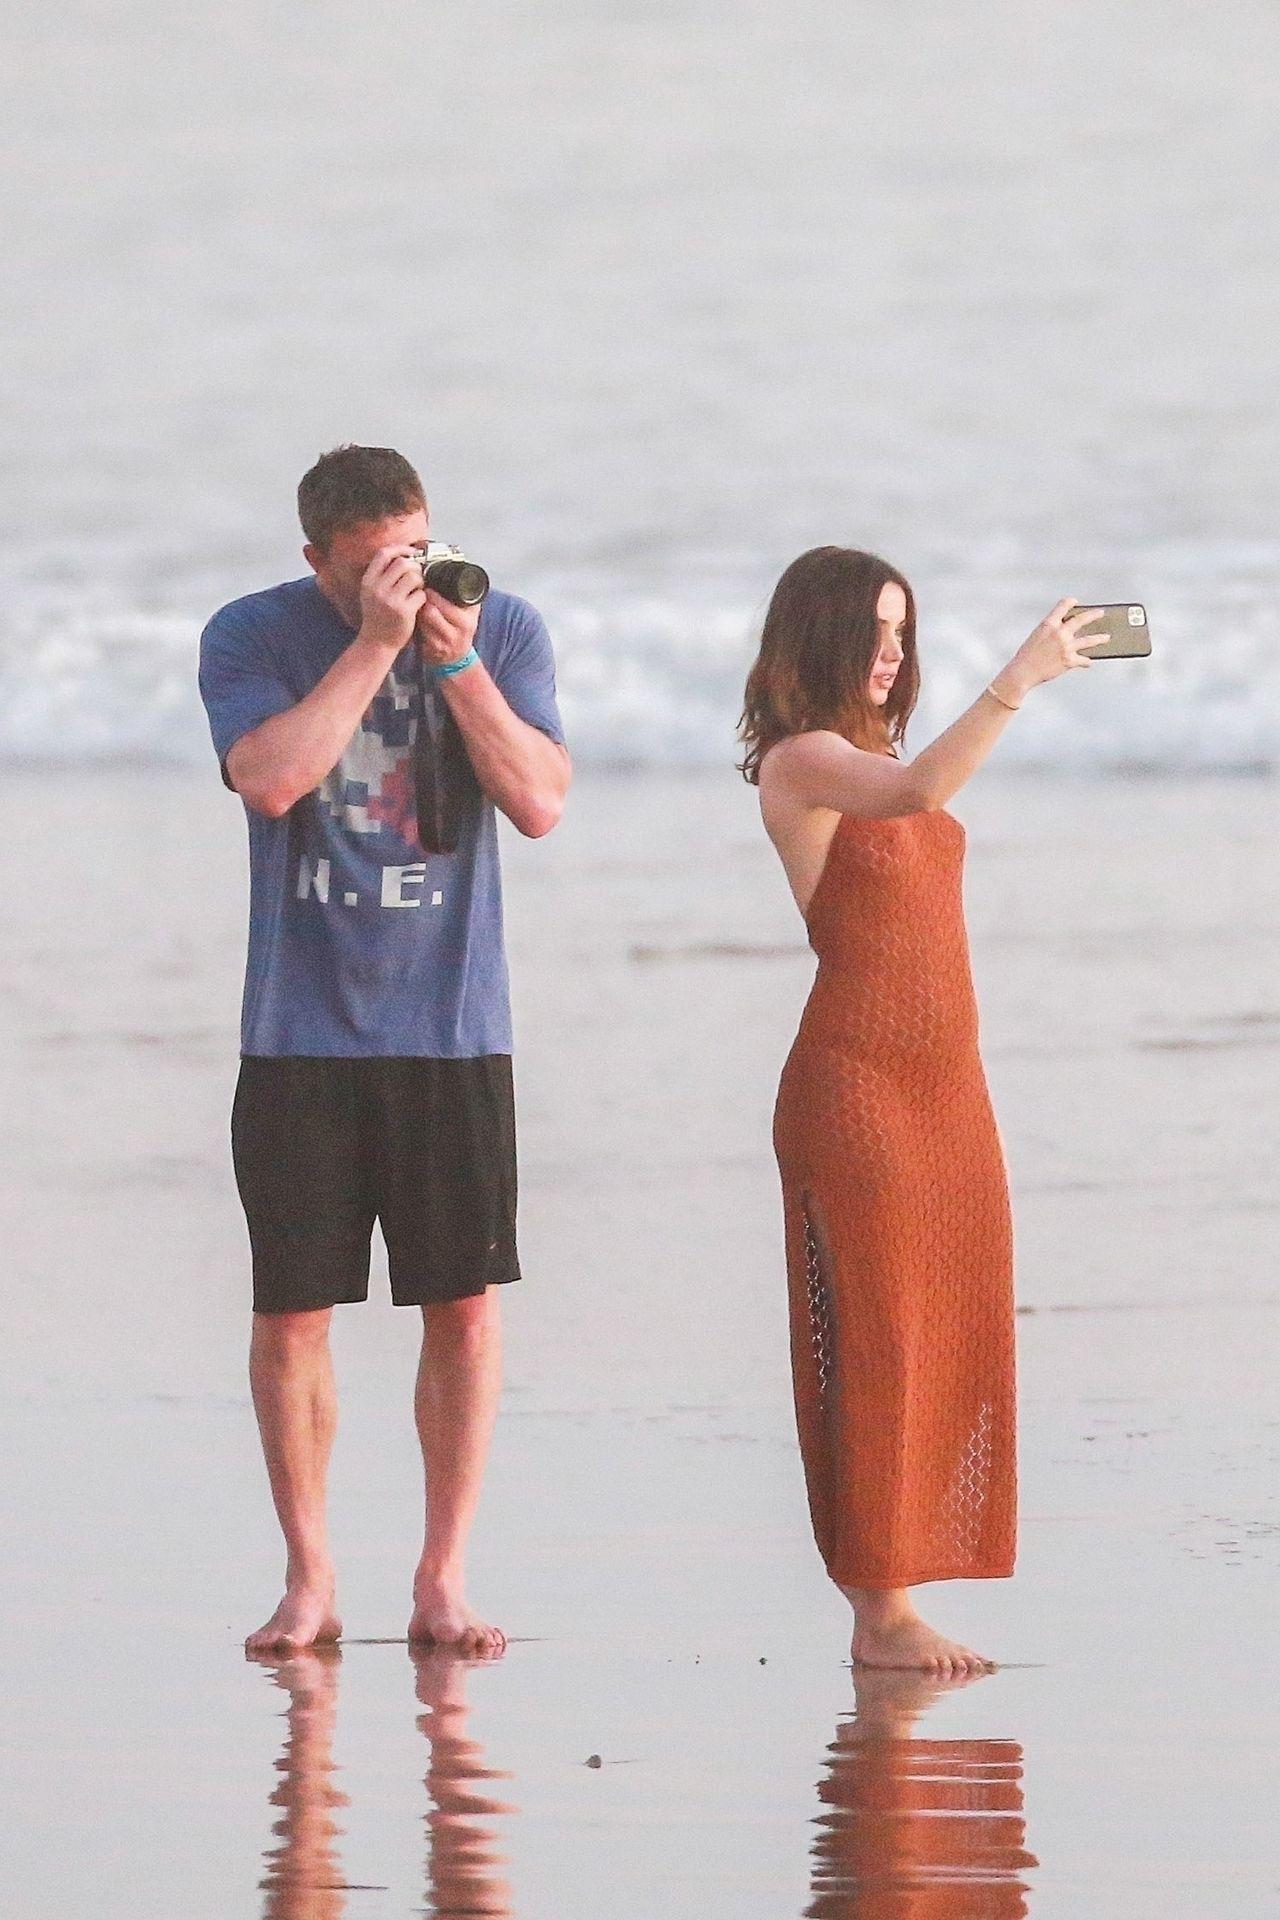 Ben Affleck & Ana De Armas Enjoy A Pda Moment During Romantic Beach Stroll In Costa Rica 0007